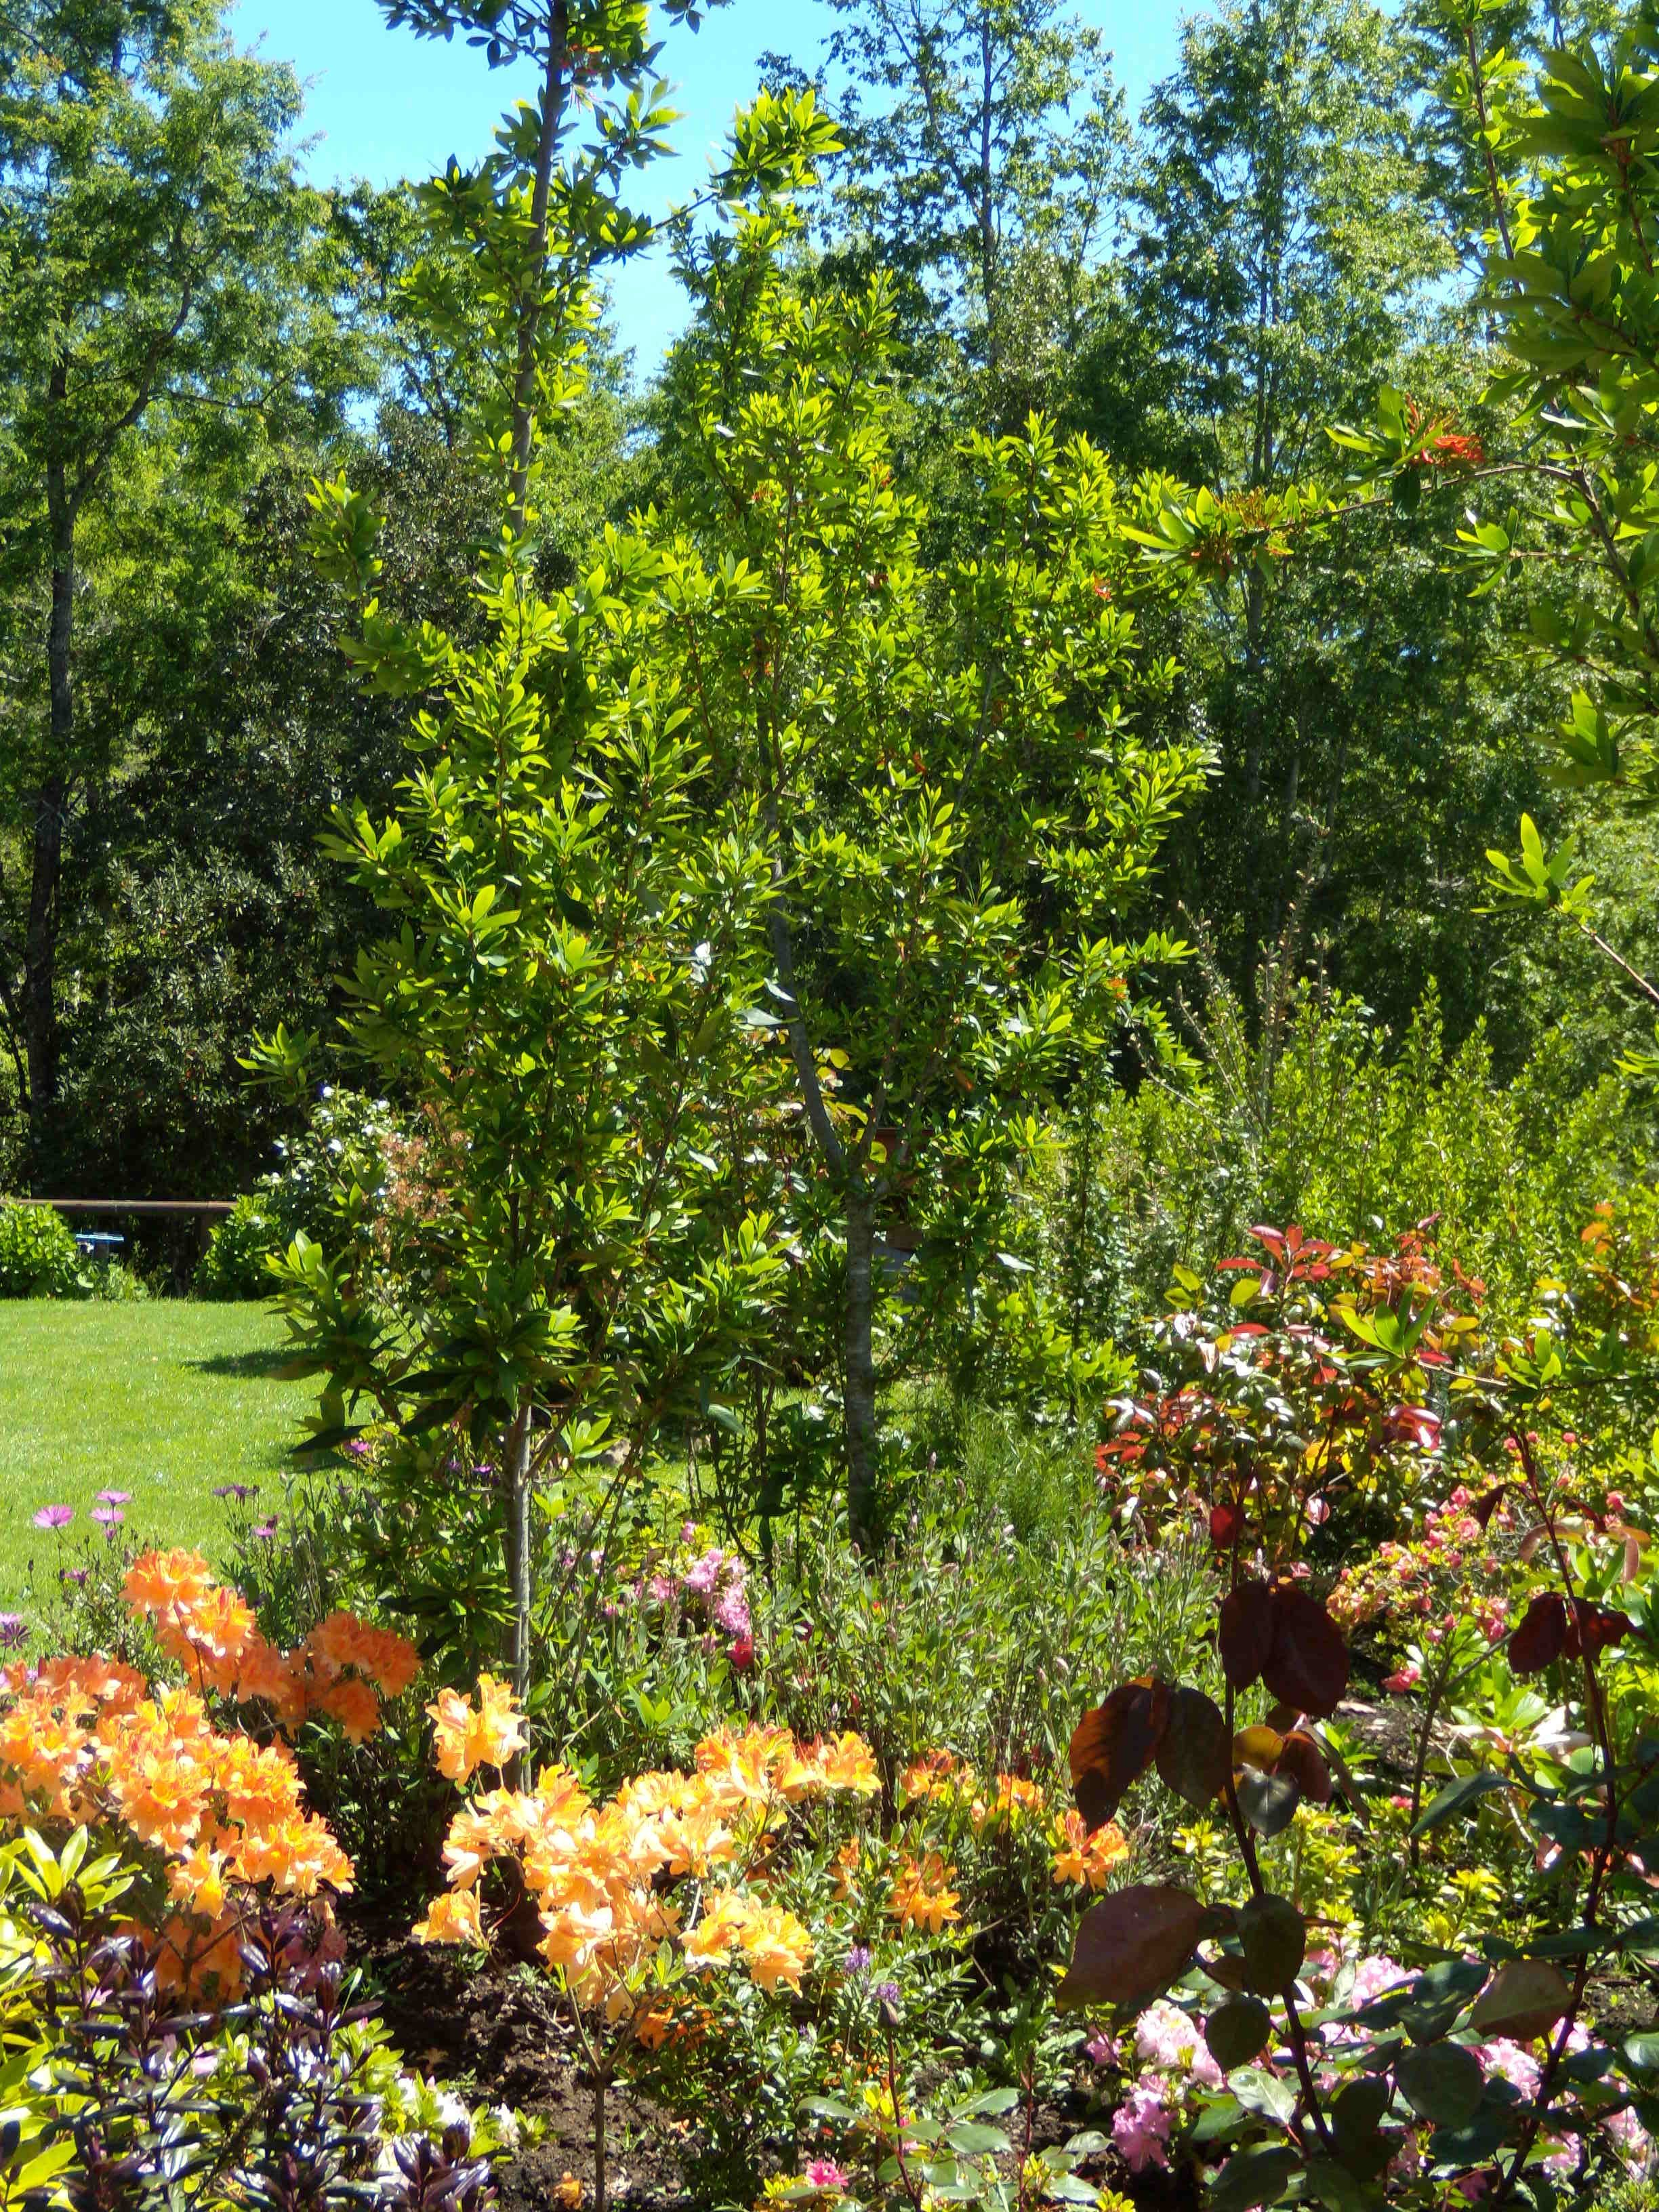 Rboles nativos y flores en mi jard n villarrica puc n - Arboles jardin ...